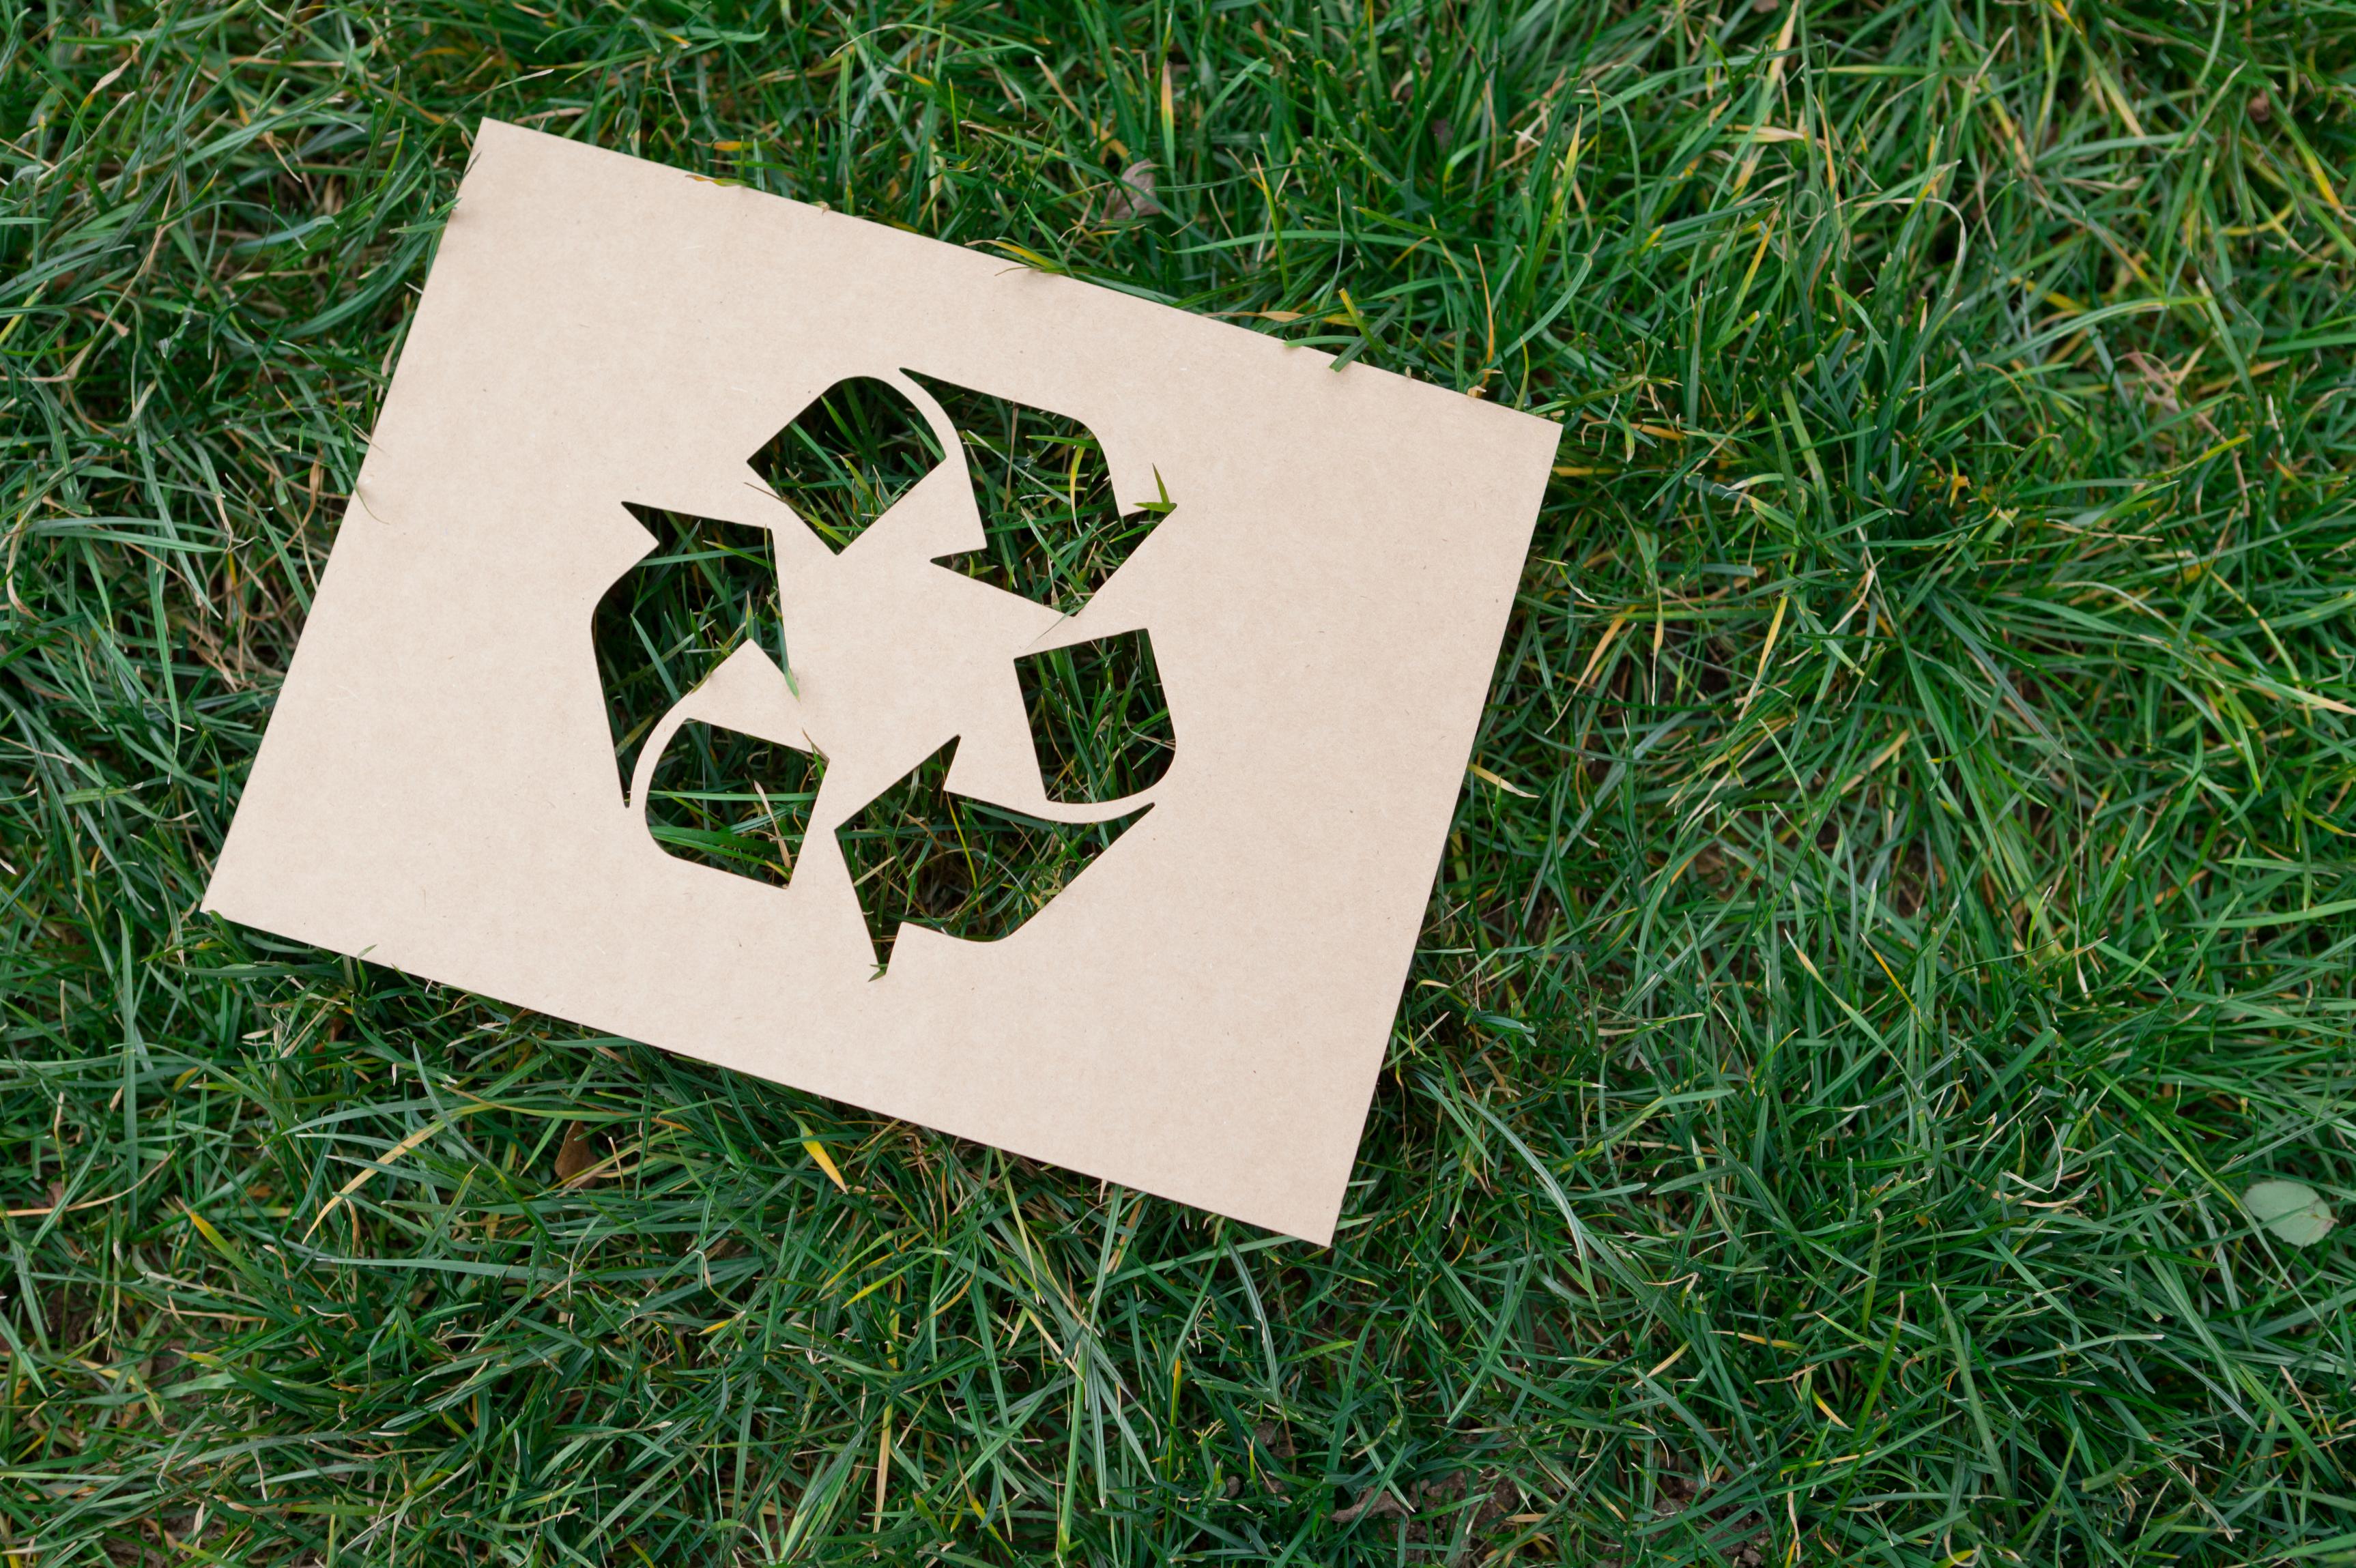 2020 m. nekomunaliniame atliekų sraute susidarančių pakuočių atliekų sutvarkymo paslaugos pirkimo konkursas